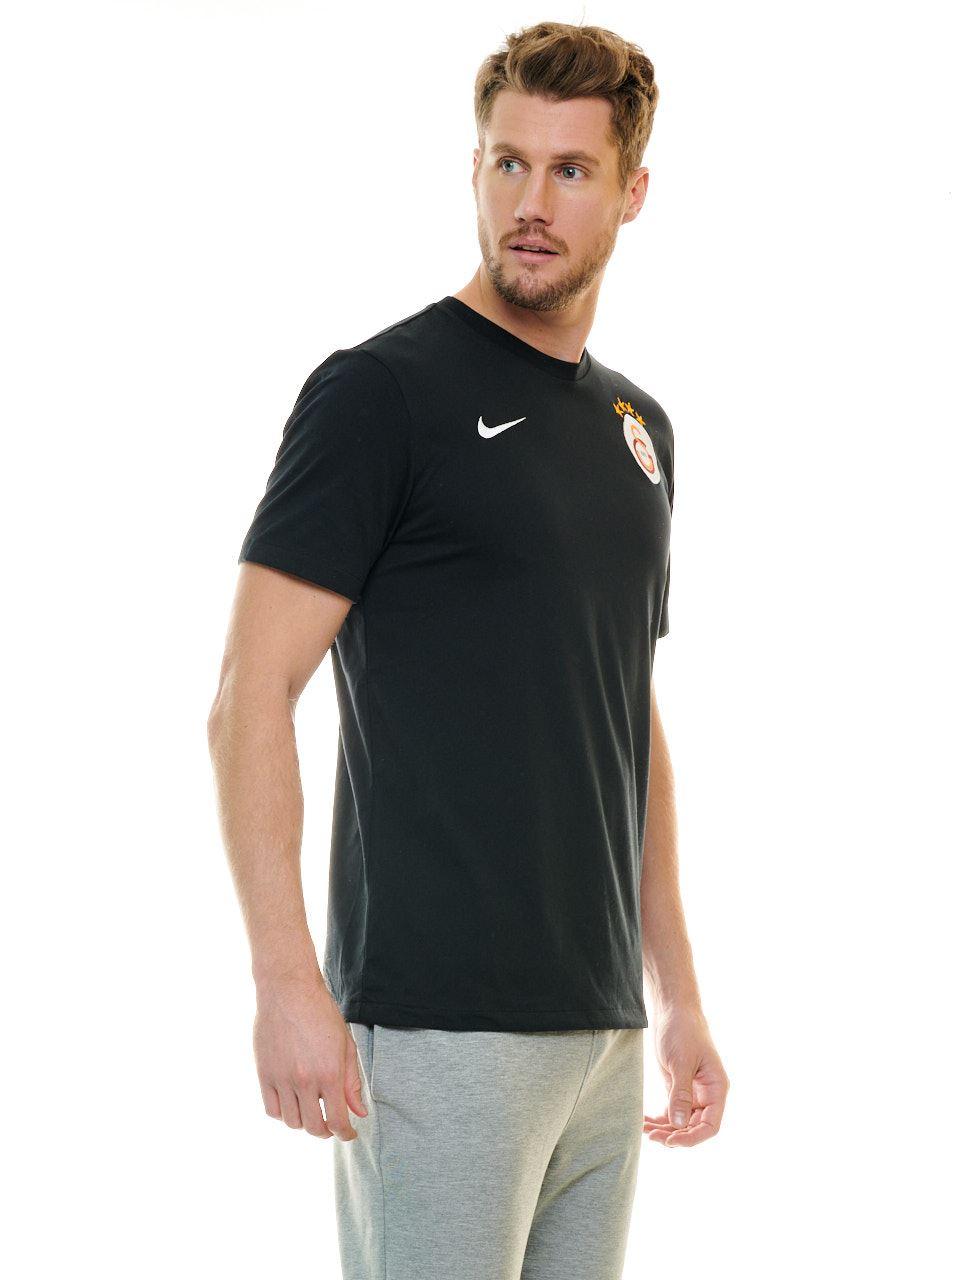 Nike Galatasaray T-shirt (Siyah) Aj1504-010